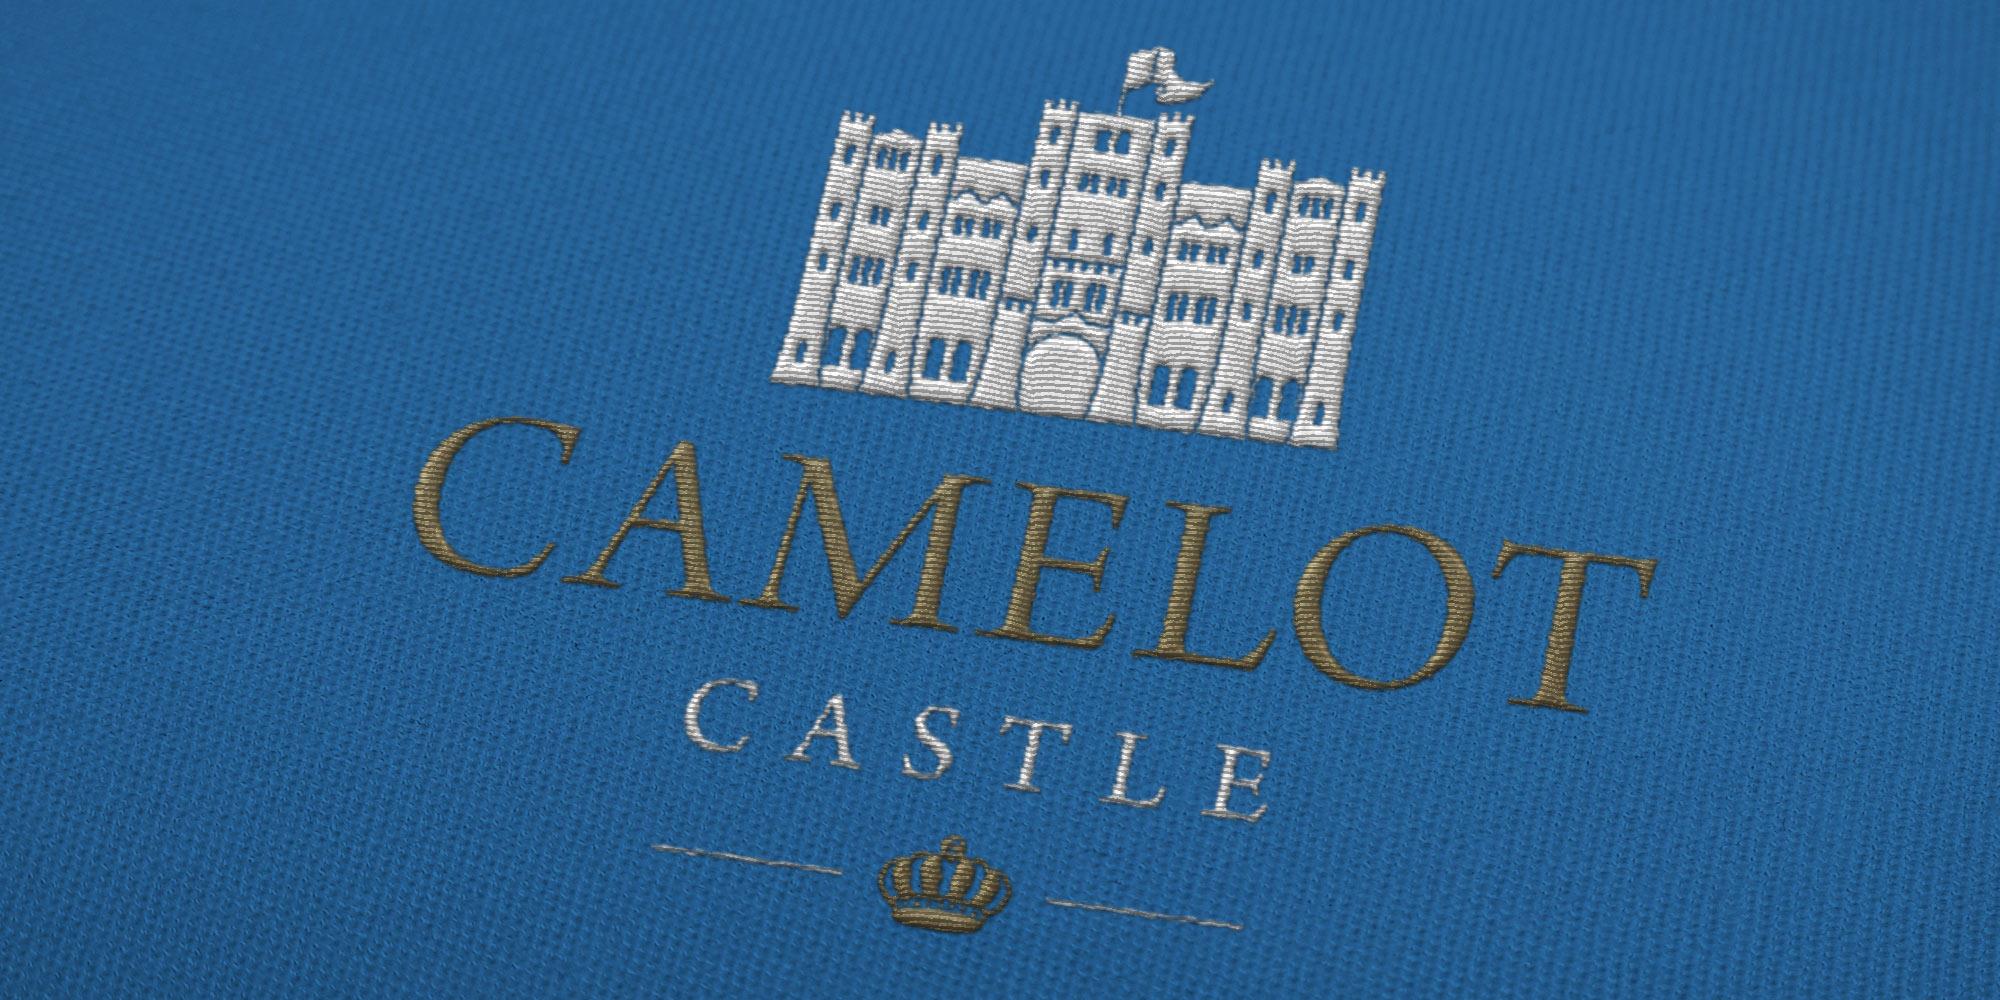 Camelot Castle Logo Design on Uniform